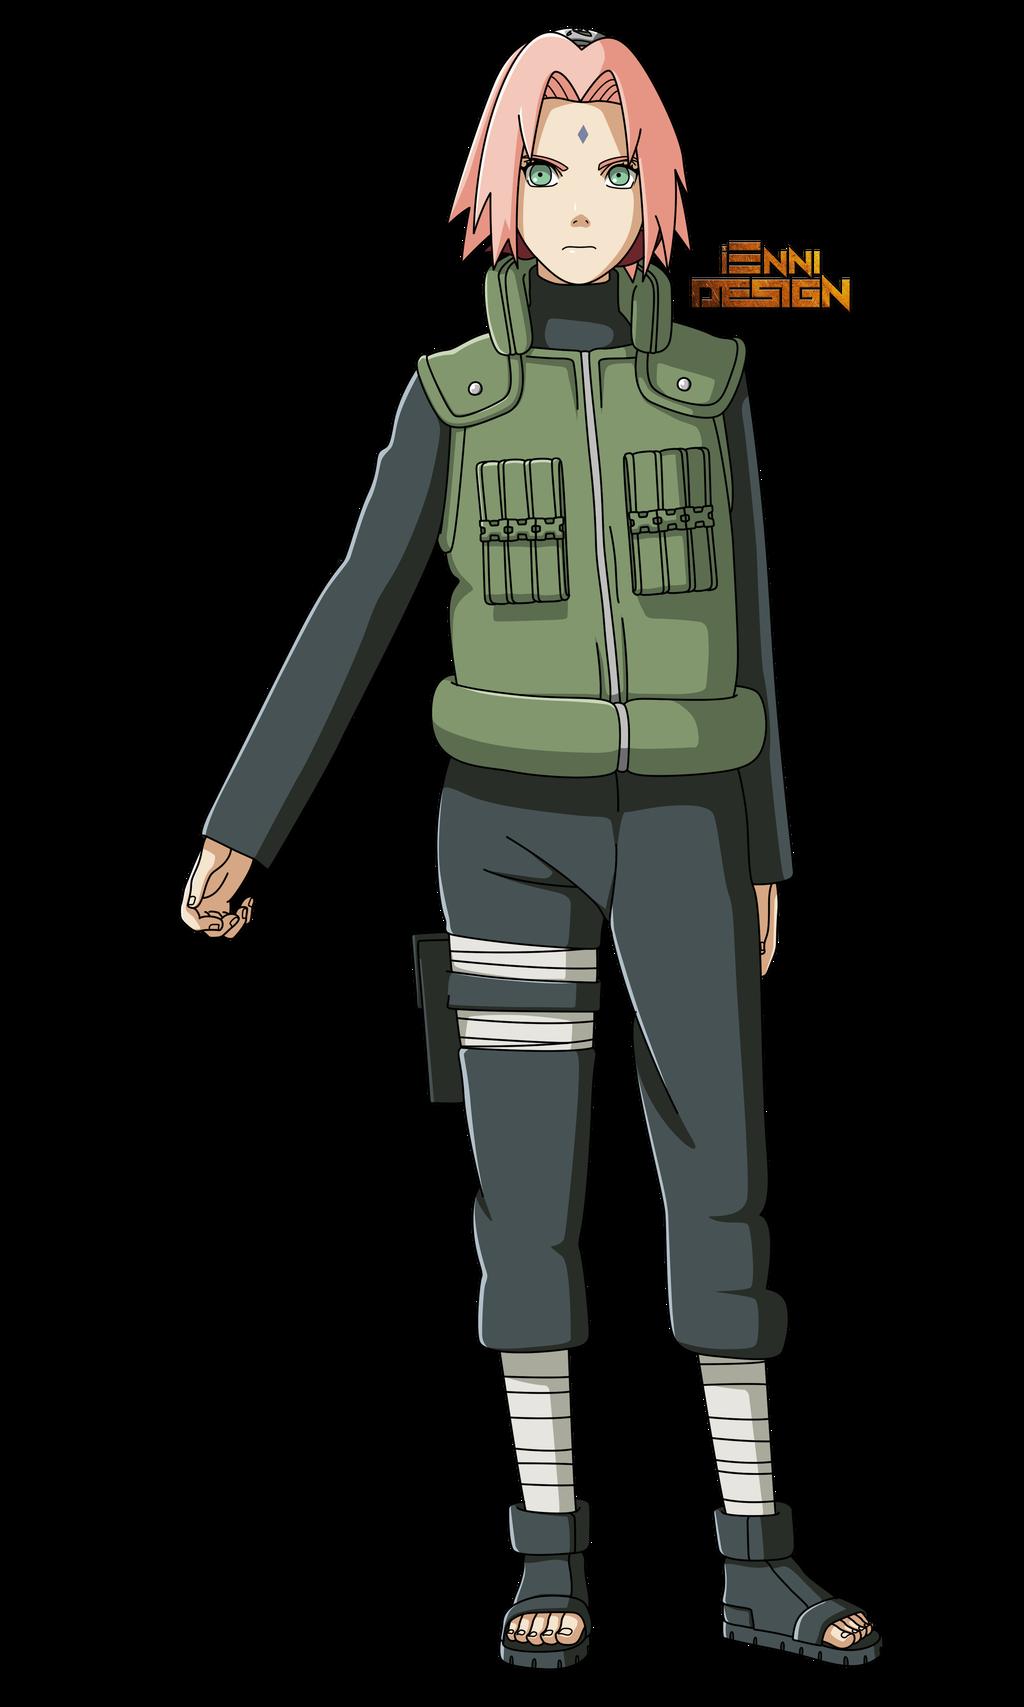 Naruto Shippuden Sakura Haruno Great Ninja War By Iennidesign On Deviantart Sakura Cosplay Sakura Haruno Sakura Haruno Cosplay